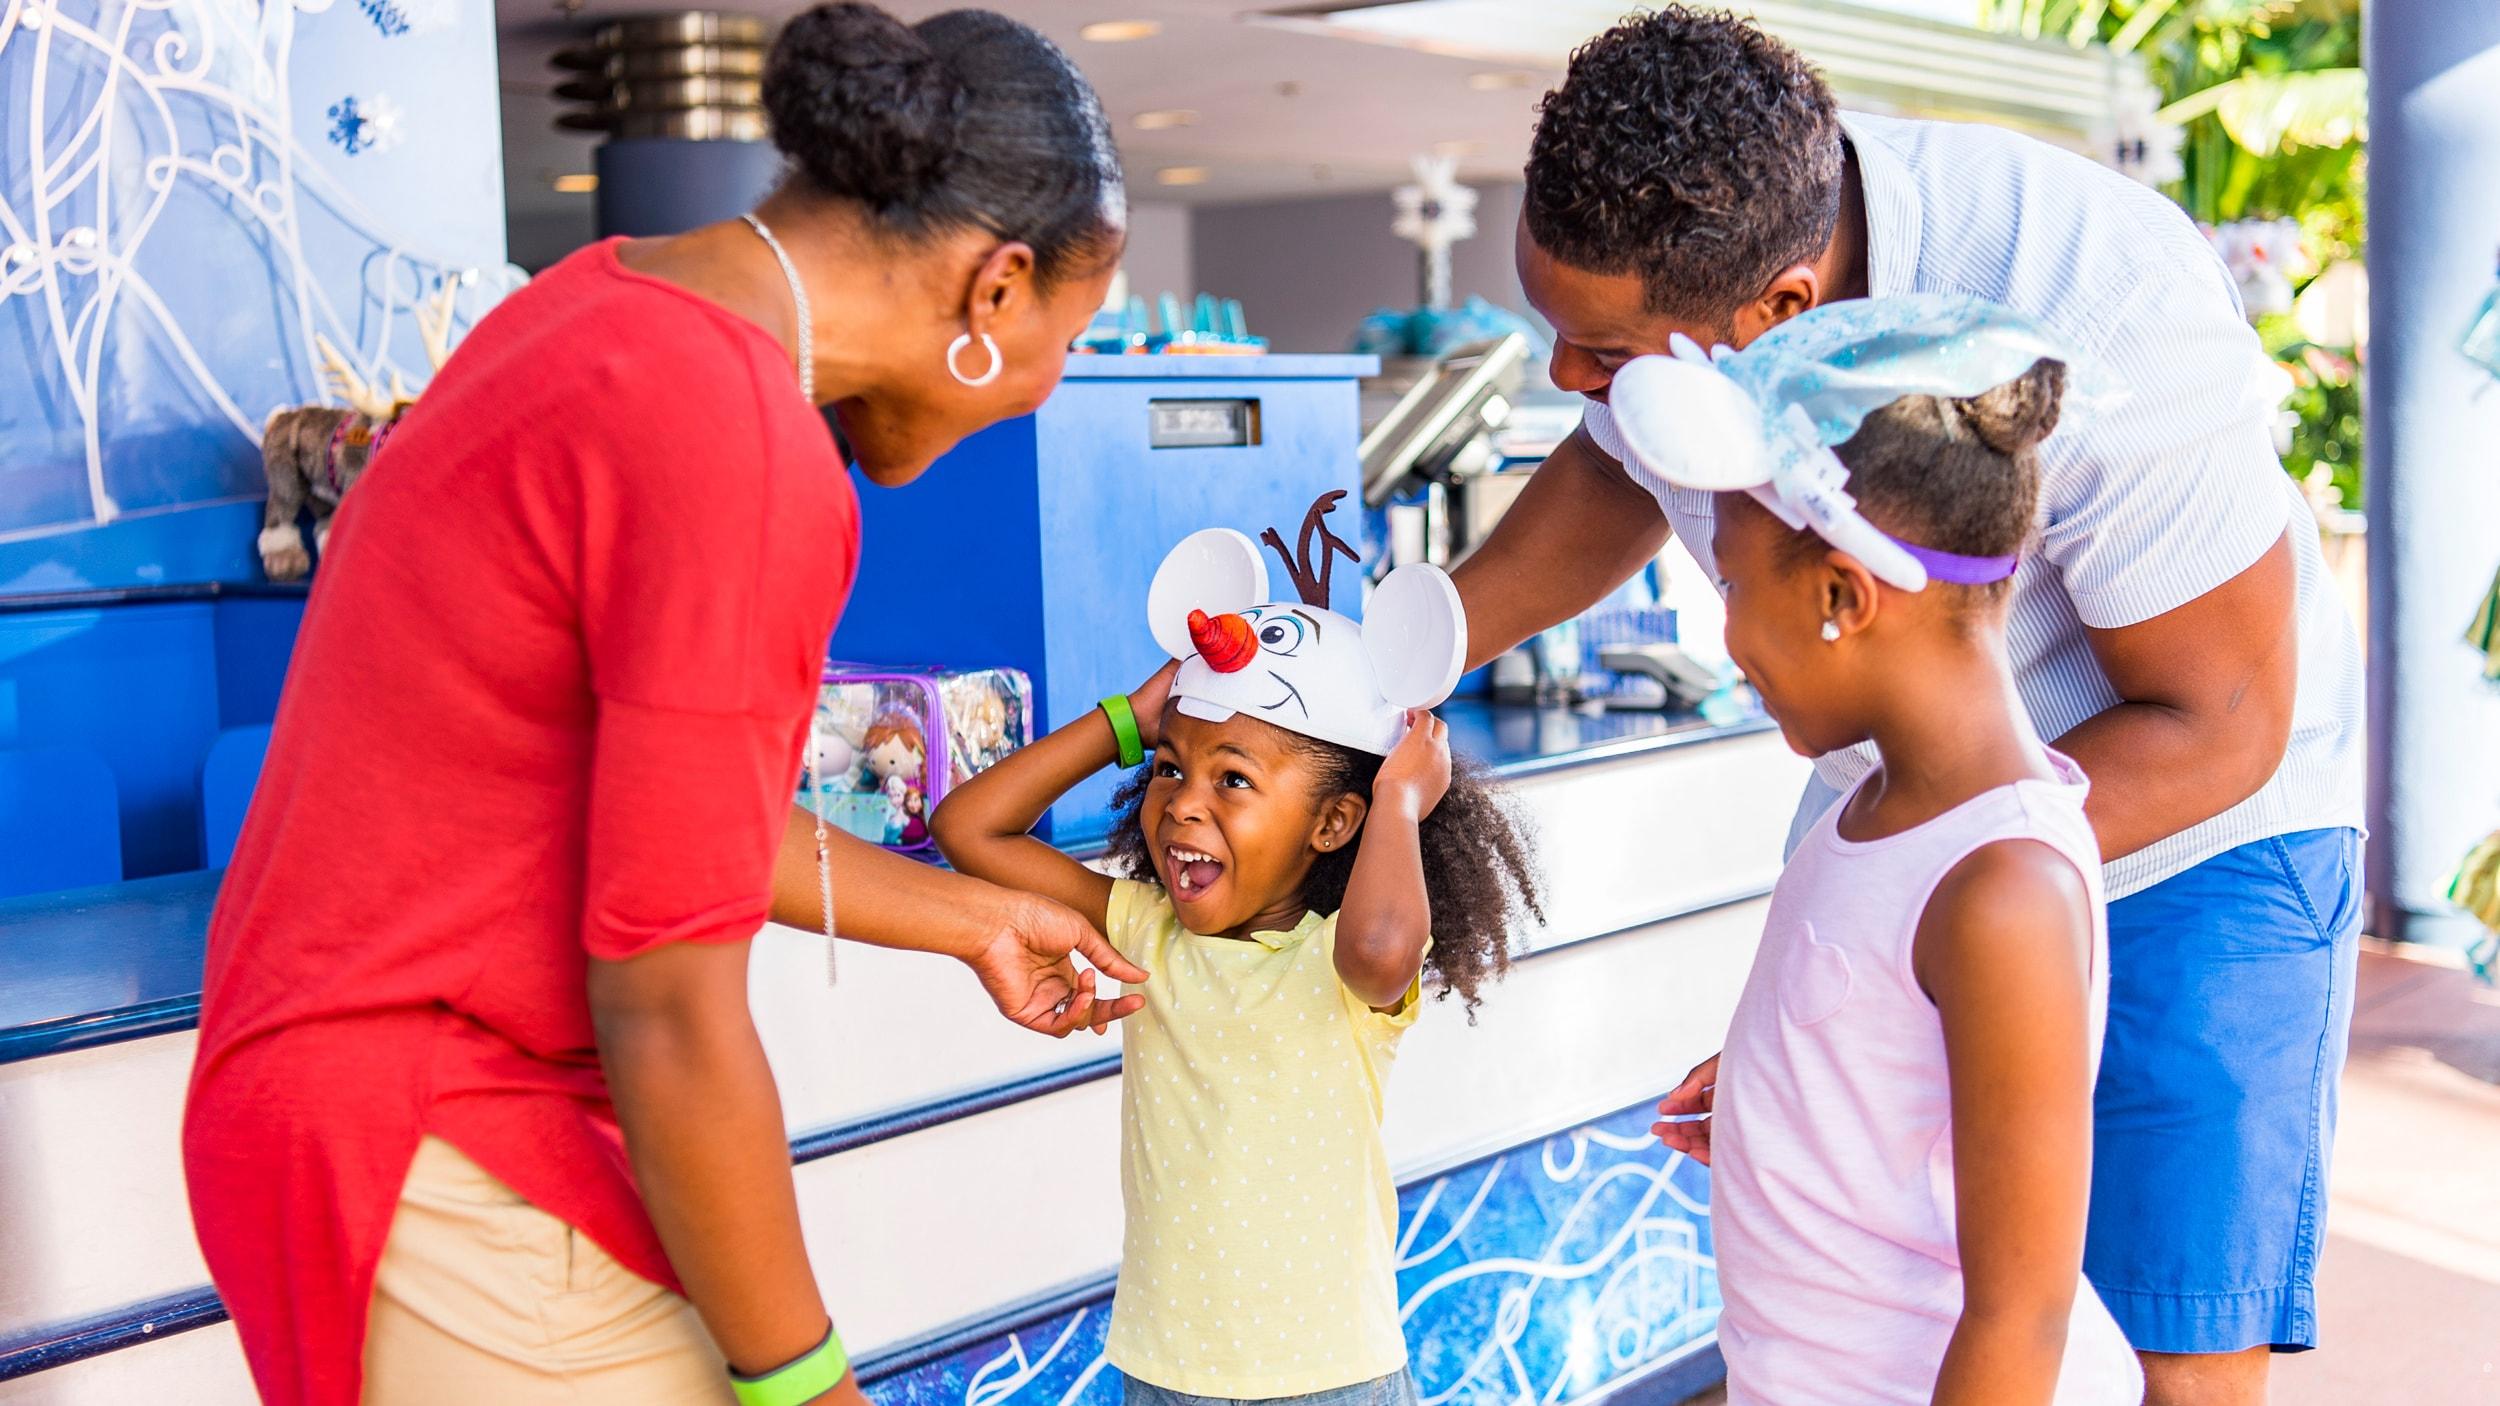 テーマパークの屋外でほほ笑み合う父母と 2 人の女の子